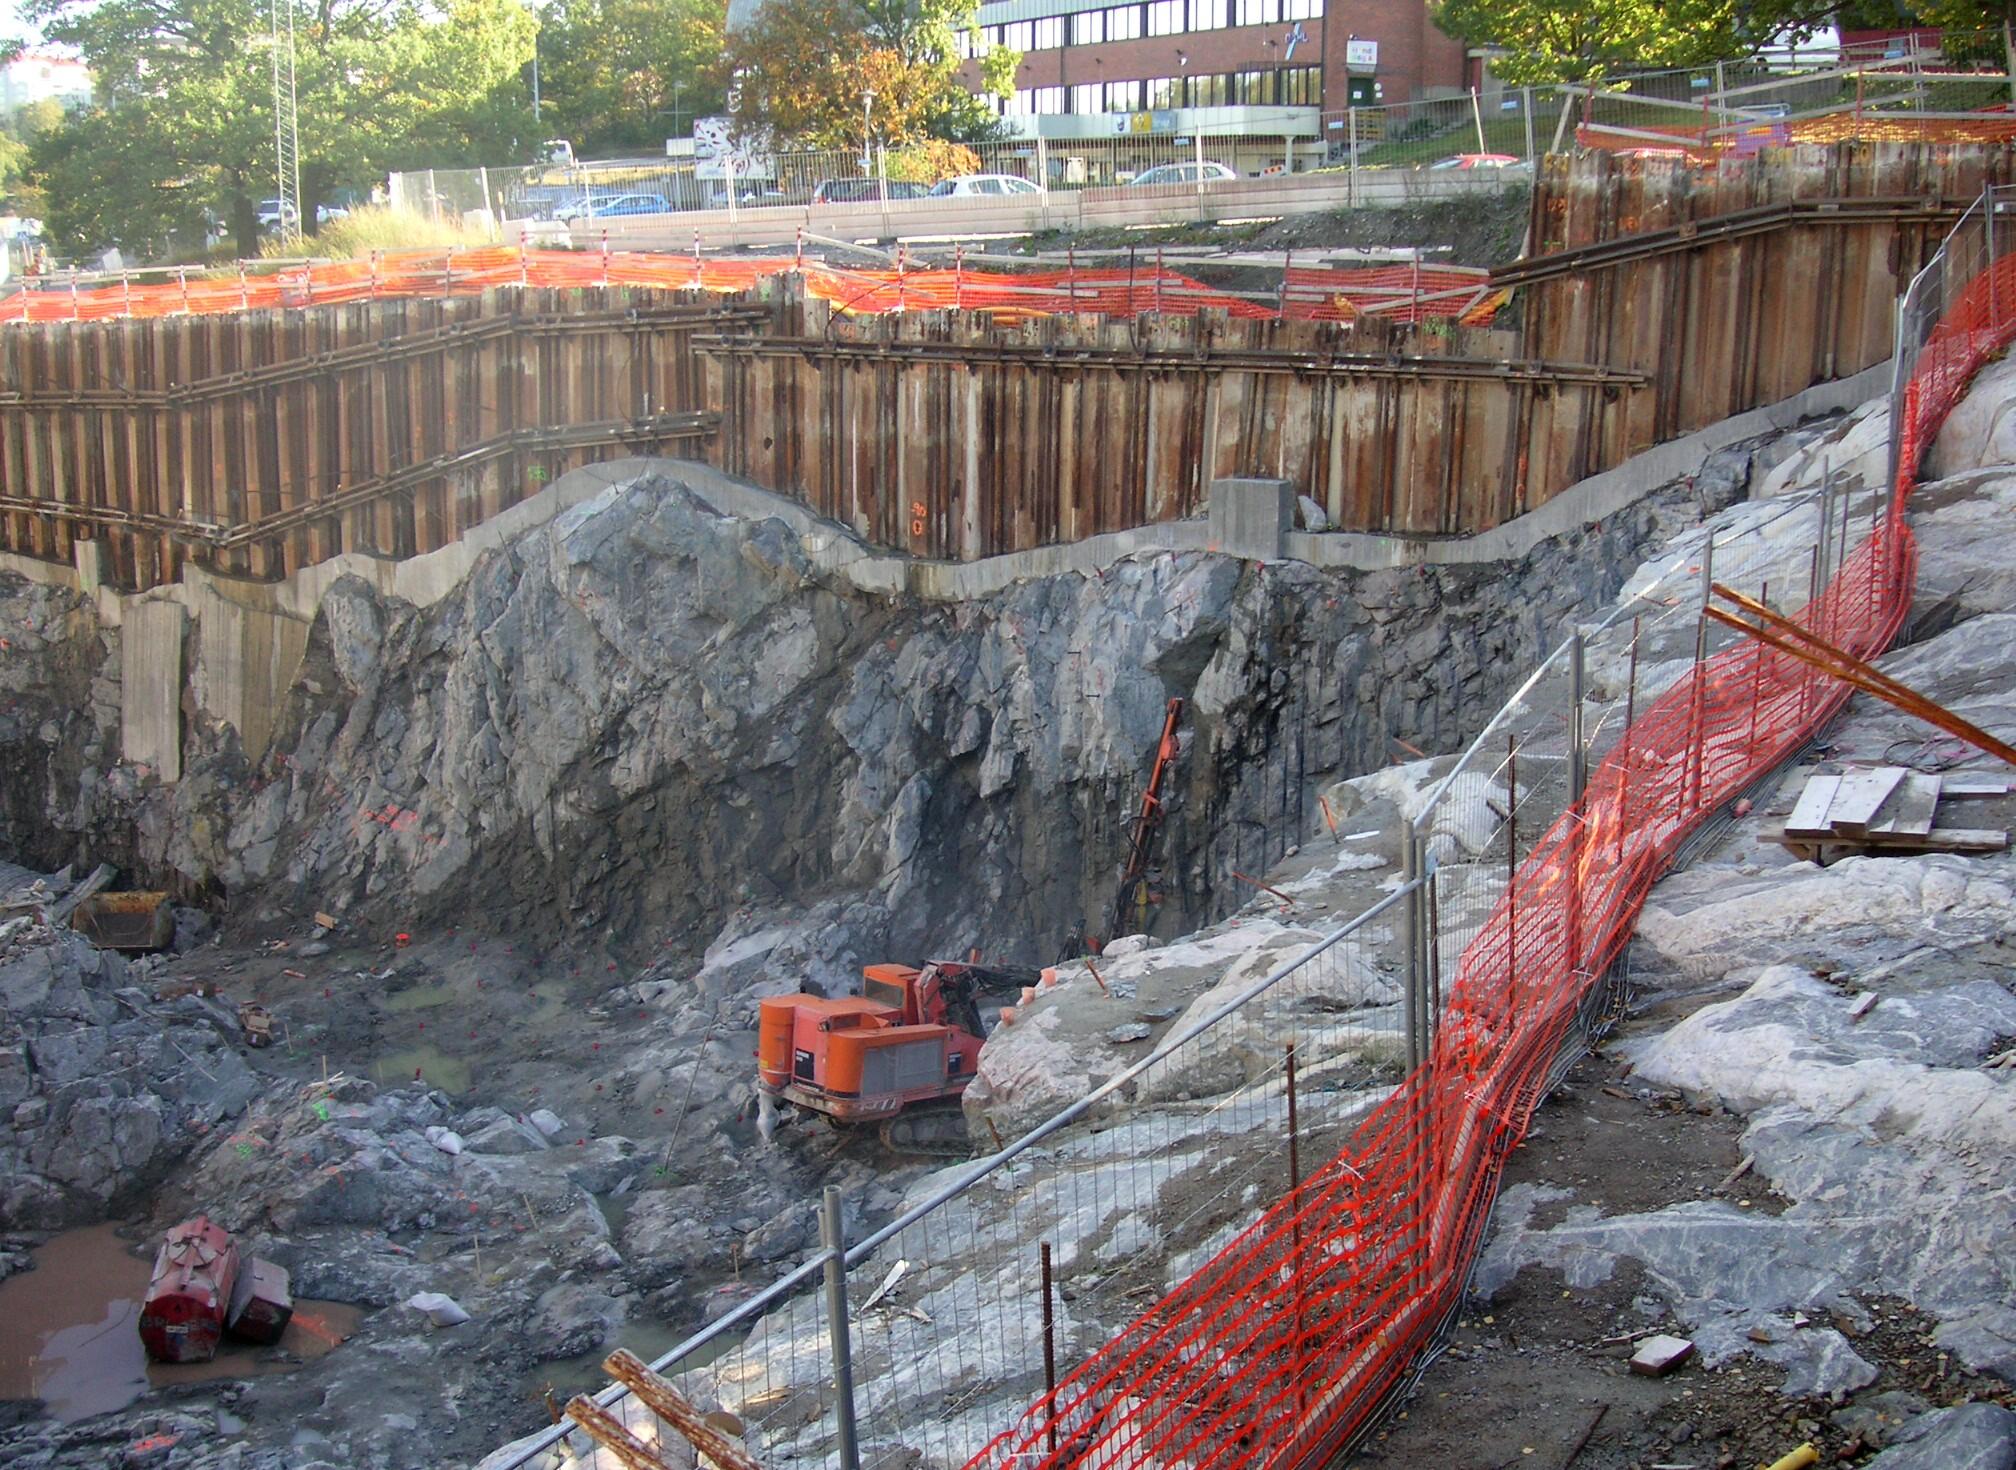 File:Norra länken Hjorthagen 2009d jpg - Wikimedia Commons